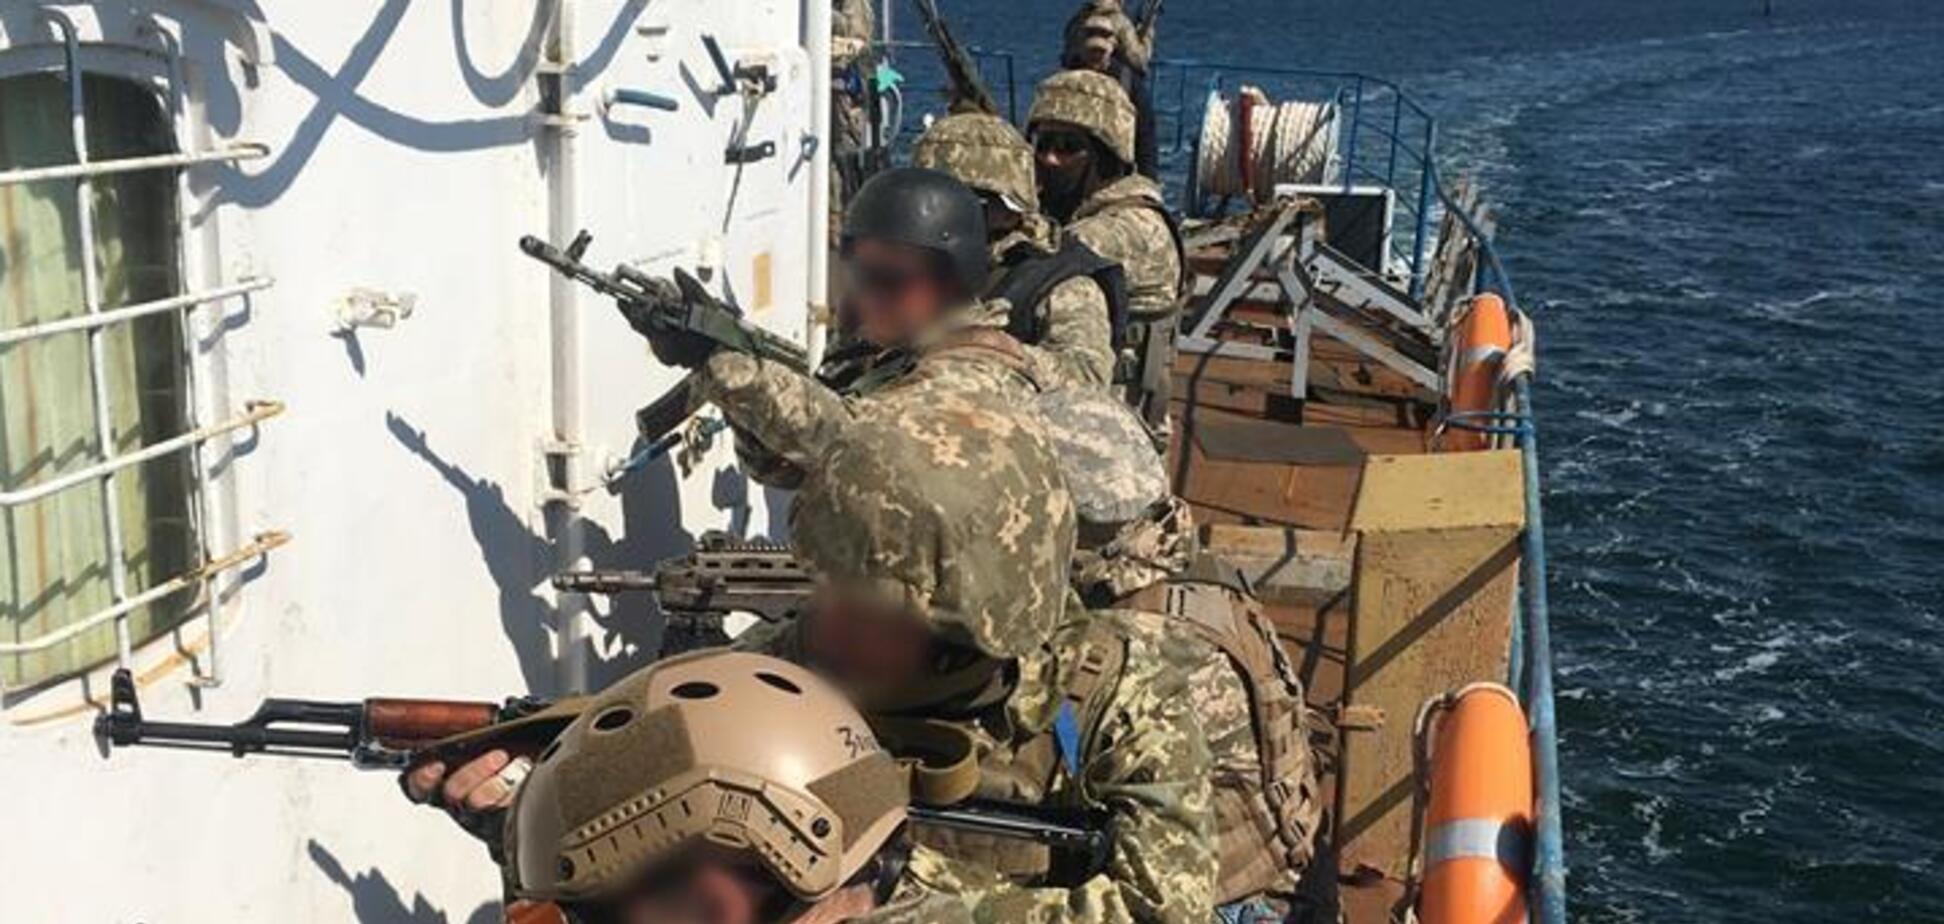 Украинские военные взяли на абордаж и захватили морское судно: мощный фоторепортаж